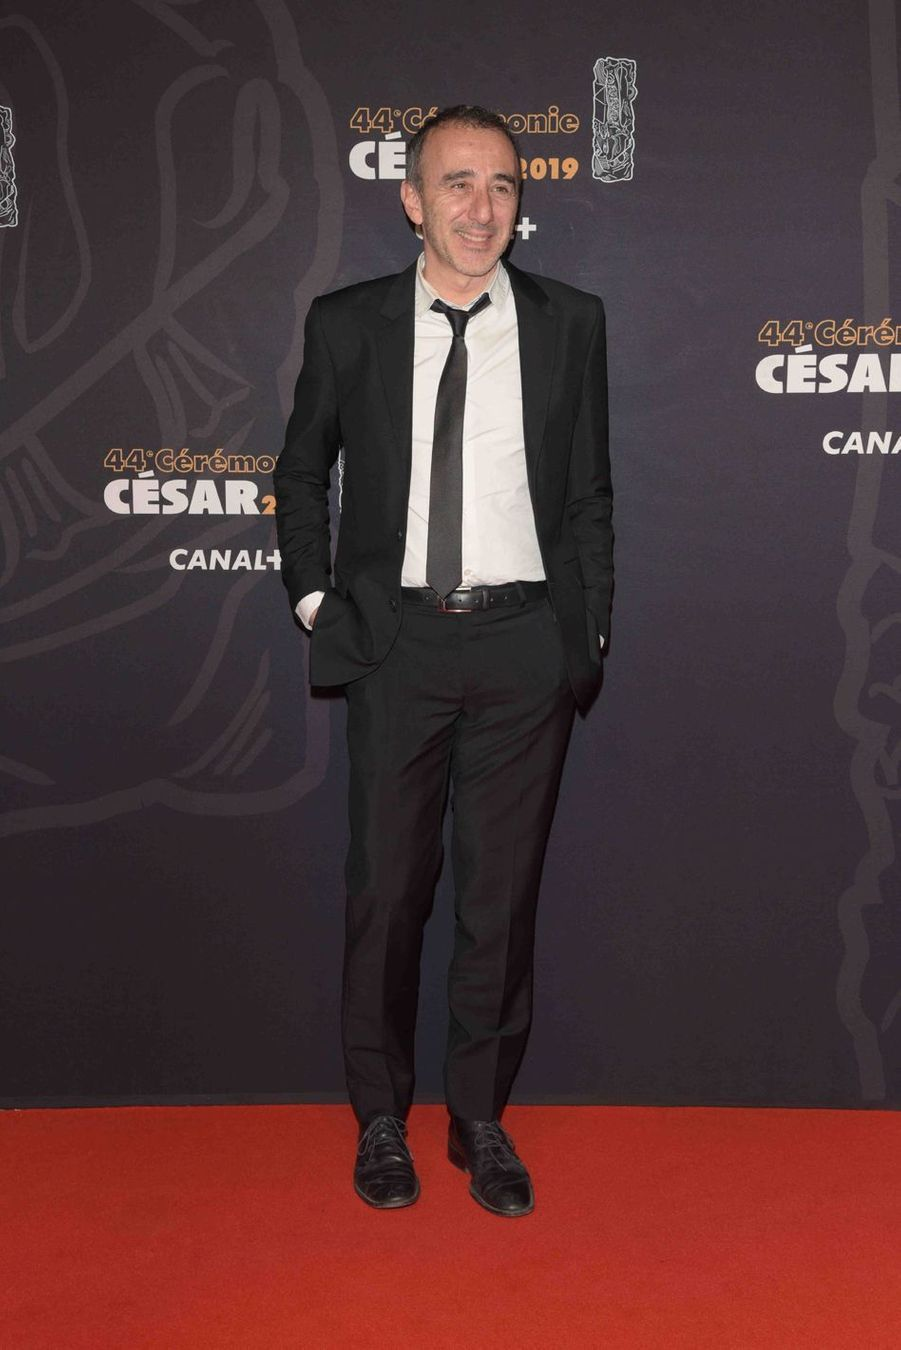 Elie Semounà la 44e cérémonie des César à la Salle Pleyel à Paris le 22 février 2019